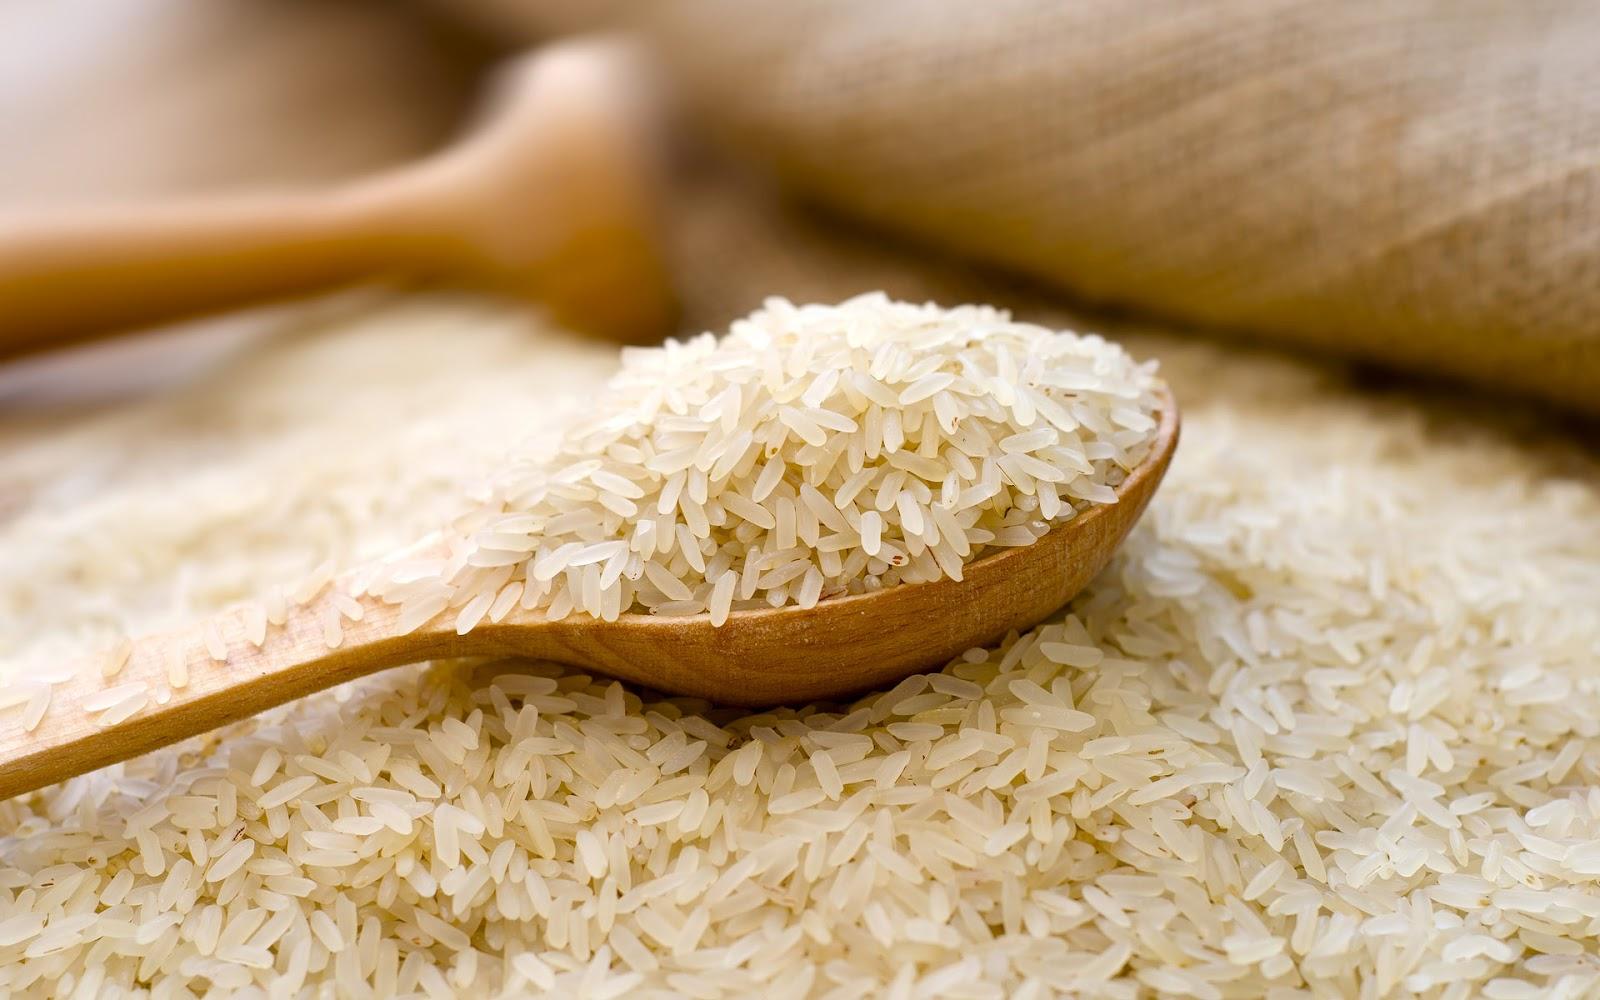 Рис Для Похудения Как Приготовить. Рисовая диета: как похудеть на 10 кг за неделю